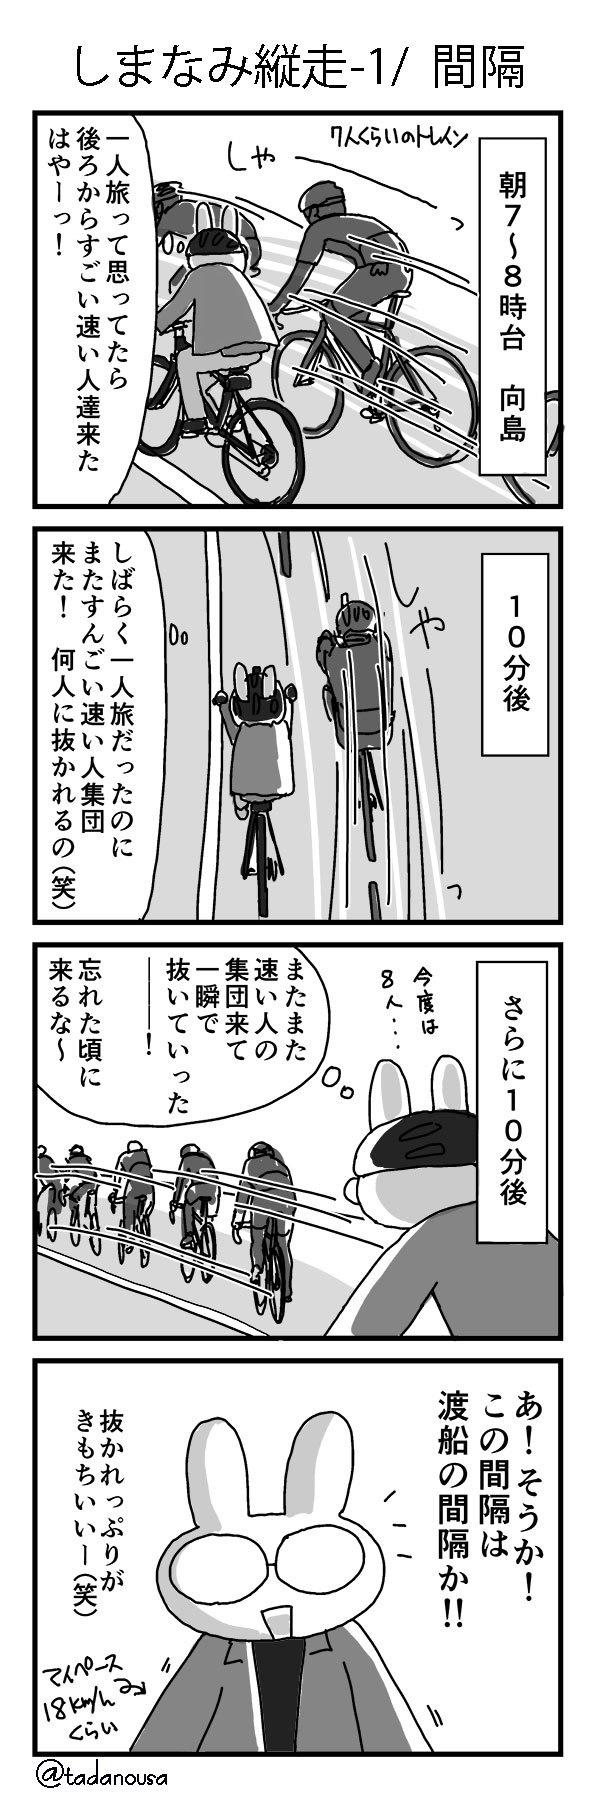 4koma_juso_2018_1_s.jpg